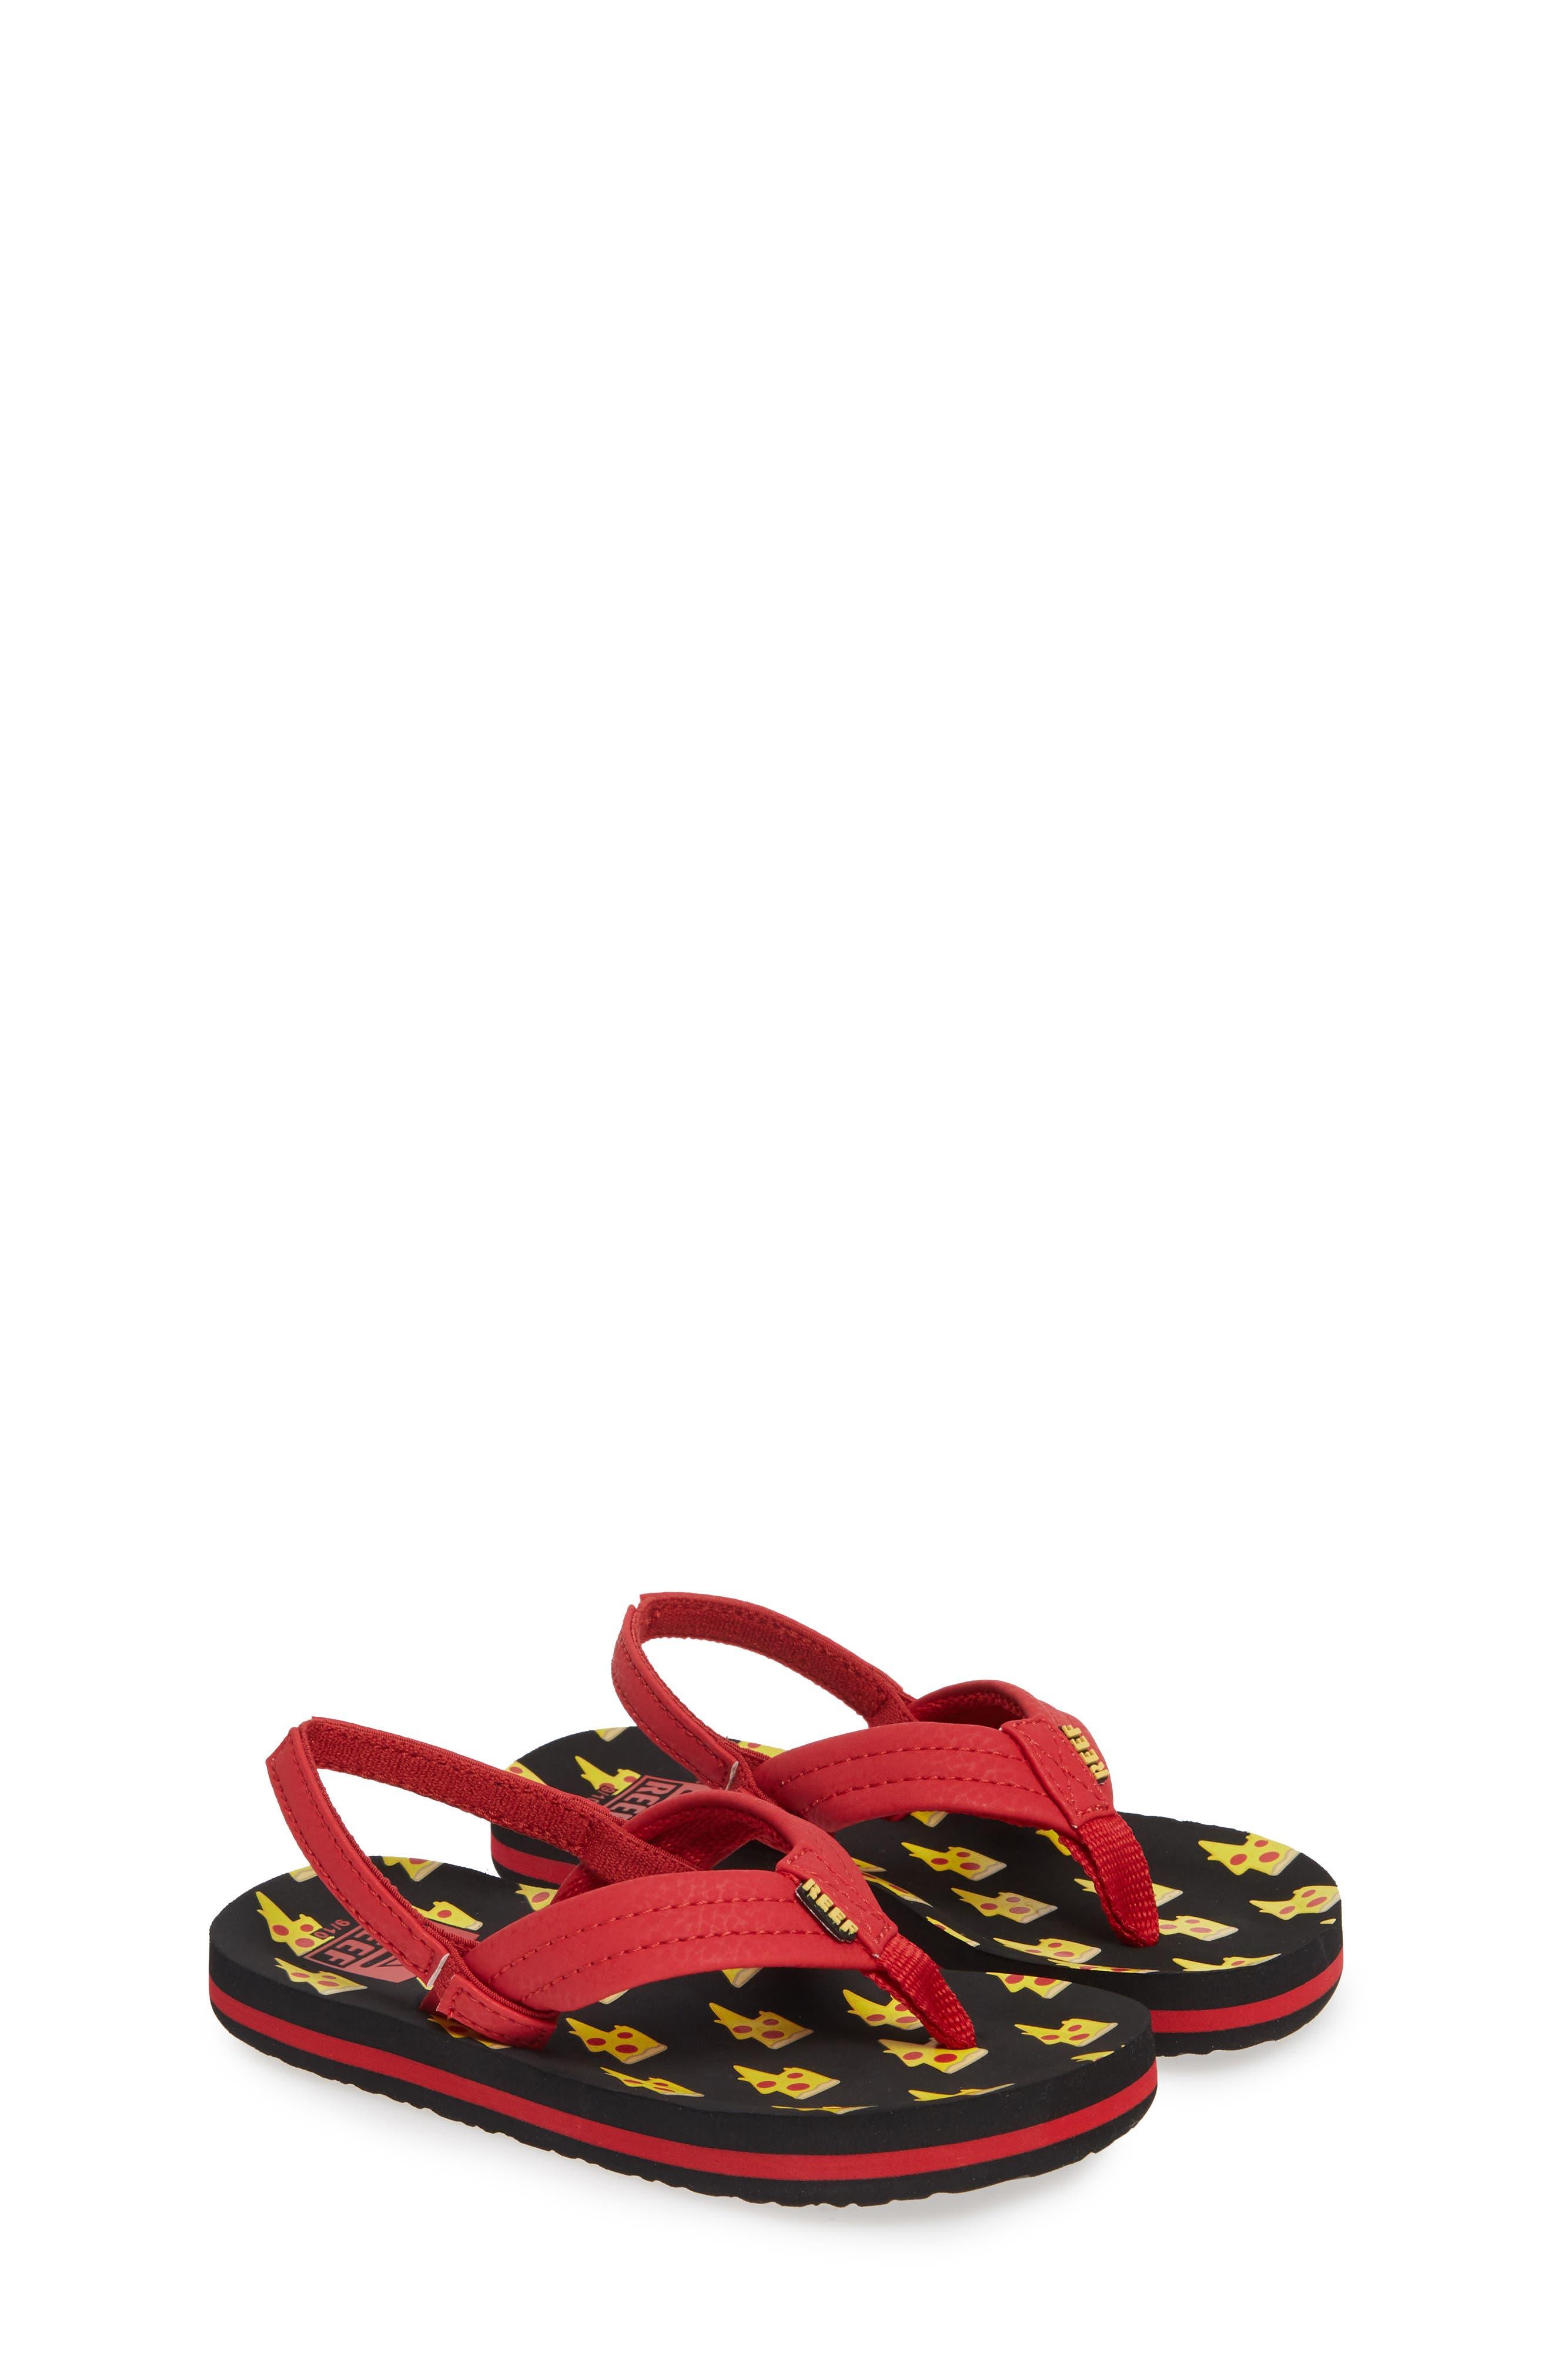 1af1f0d84316 Reef Kids  Sandals